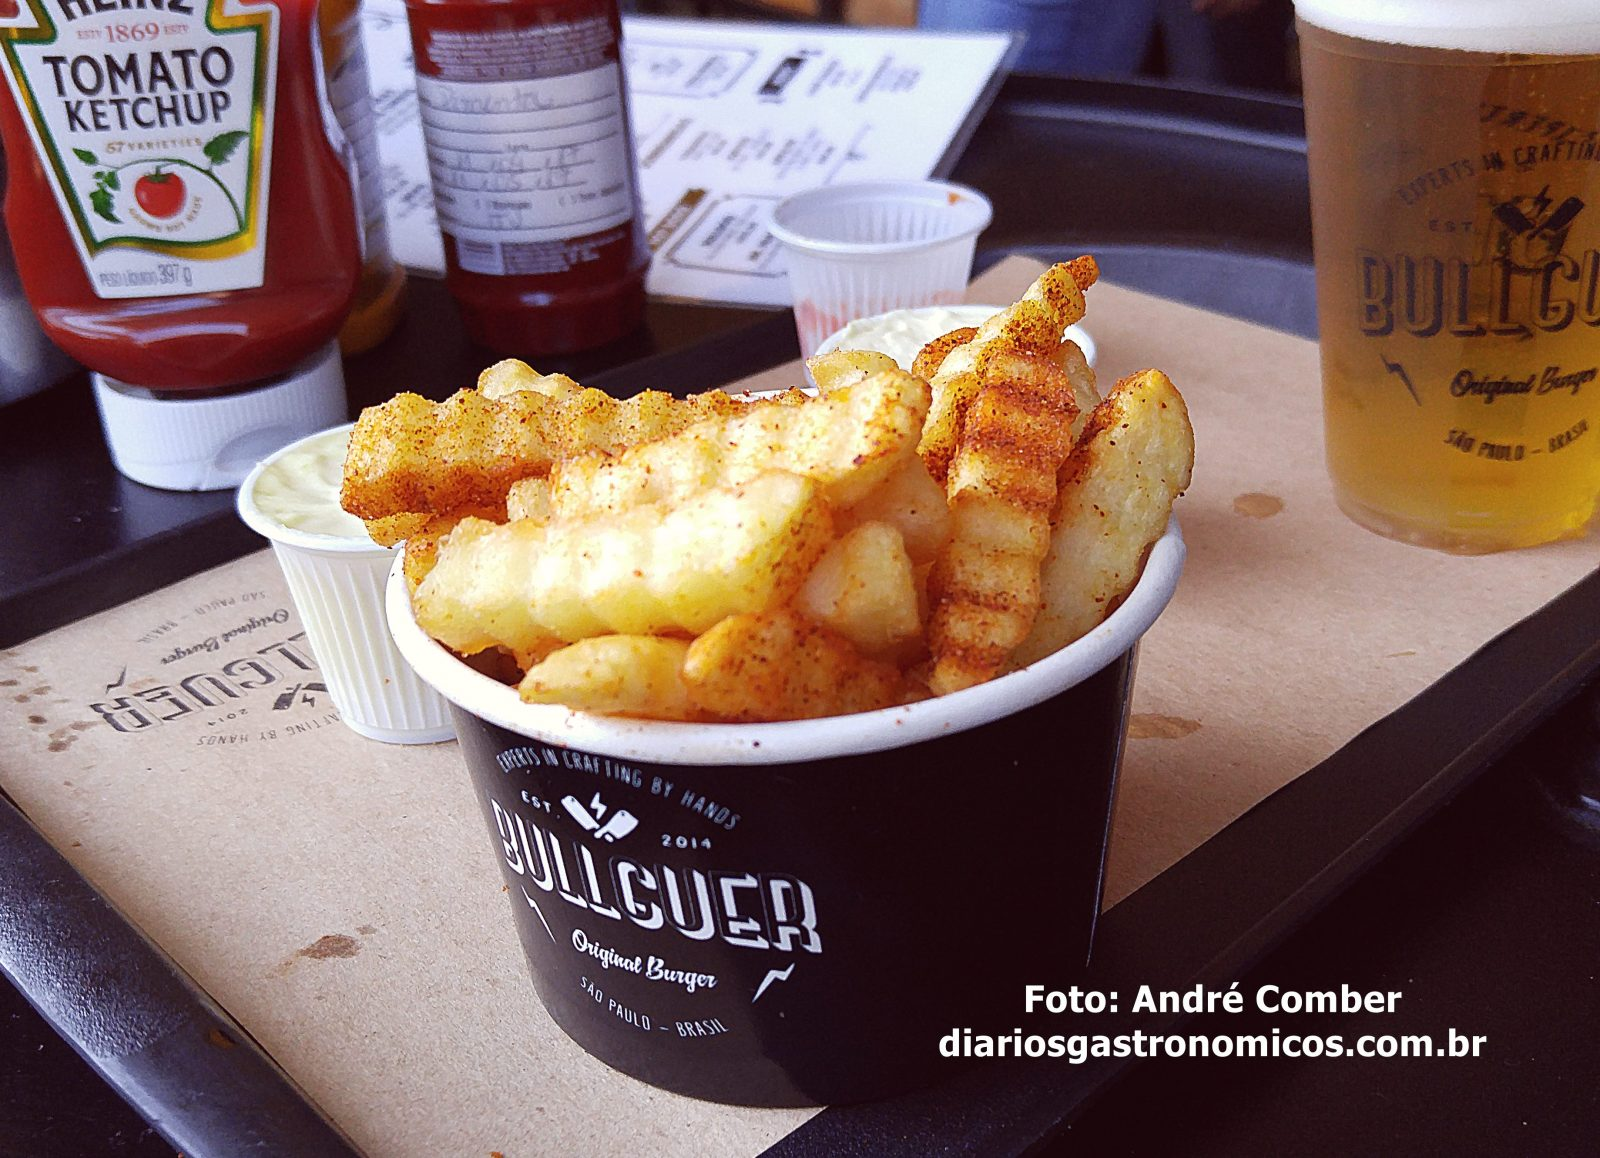 Bullguer, fritas com paprica